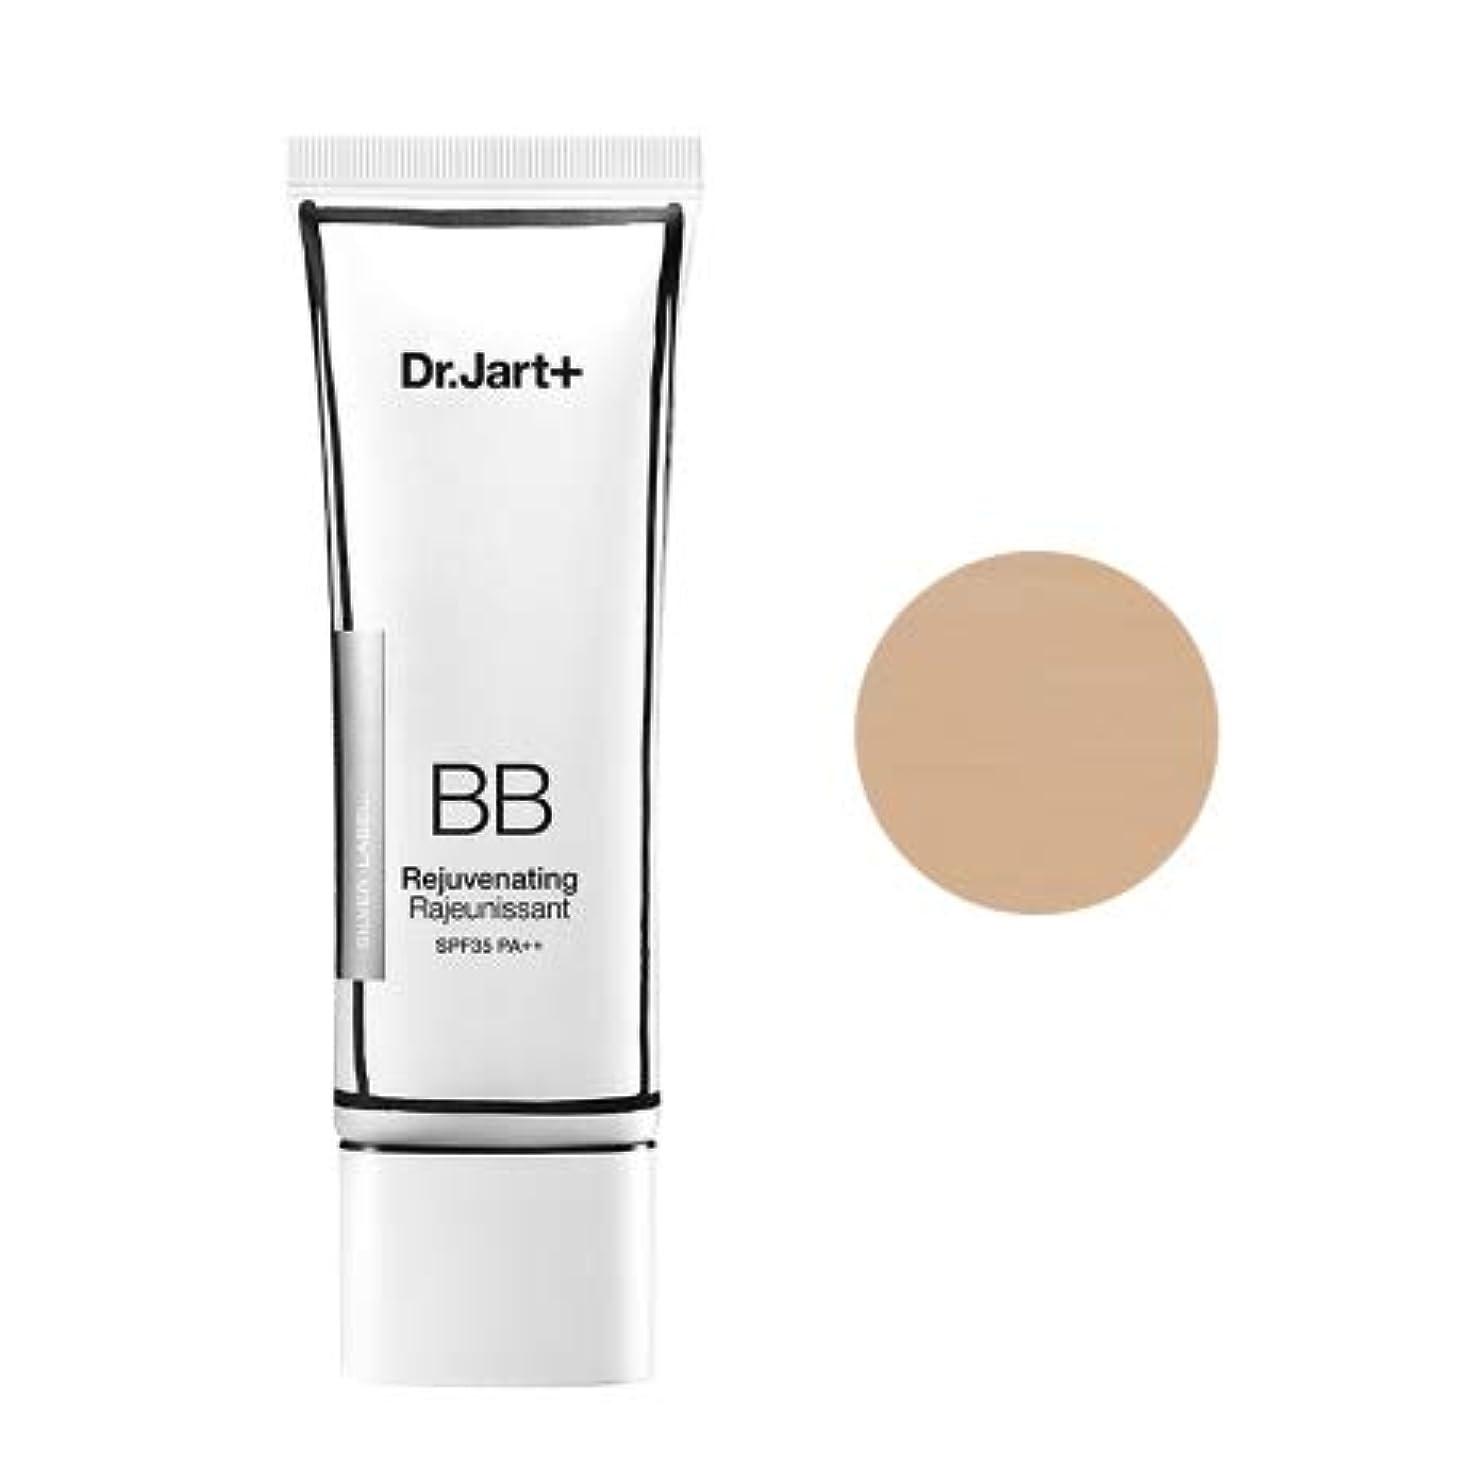 ビルドアミラー土砂降り[Upgrade] Dr.Jart+Dermakeup Rejuvenating Beauty Balm SPF35 PA++ 50ml /ドクタージャルトゥザメーキャップリージュビネイティンビューティーバーム SPF35 PA++ 50ml [並行輸入品]